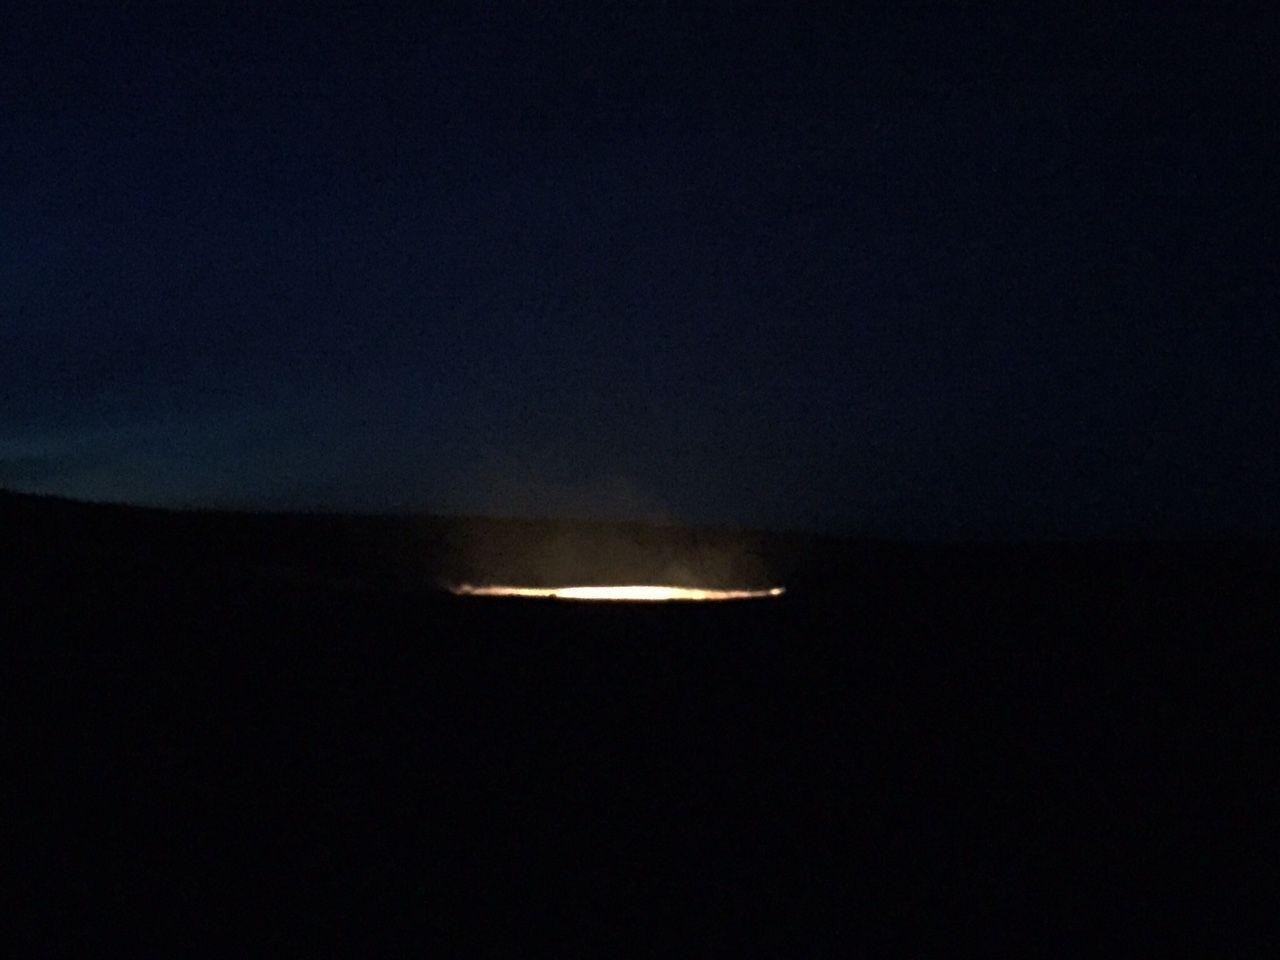 炎の絶景!!トルクメニスタン「地獄の門」を見に行こう